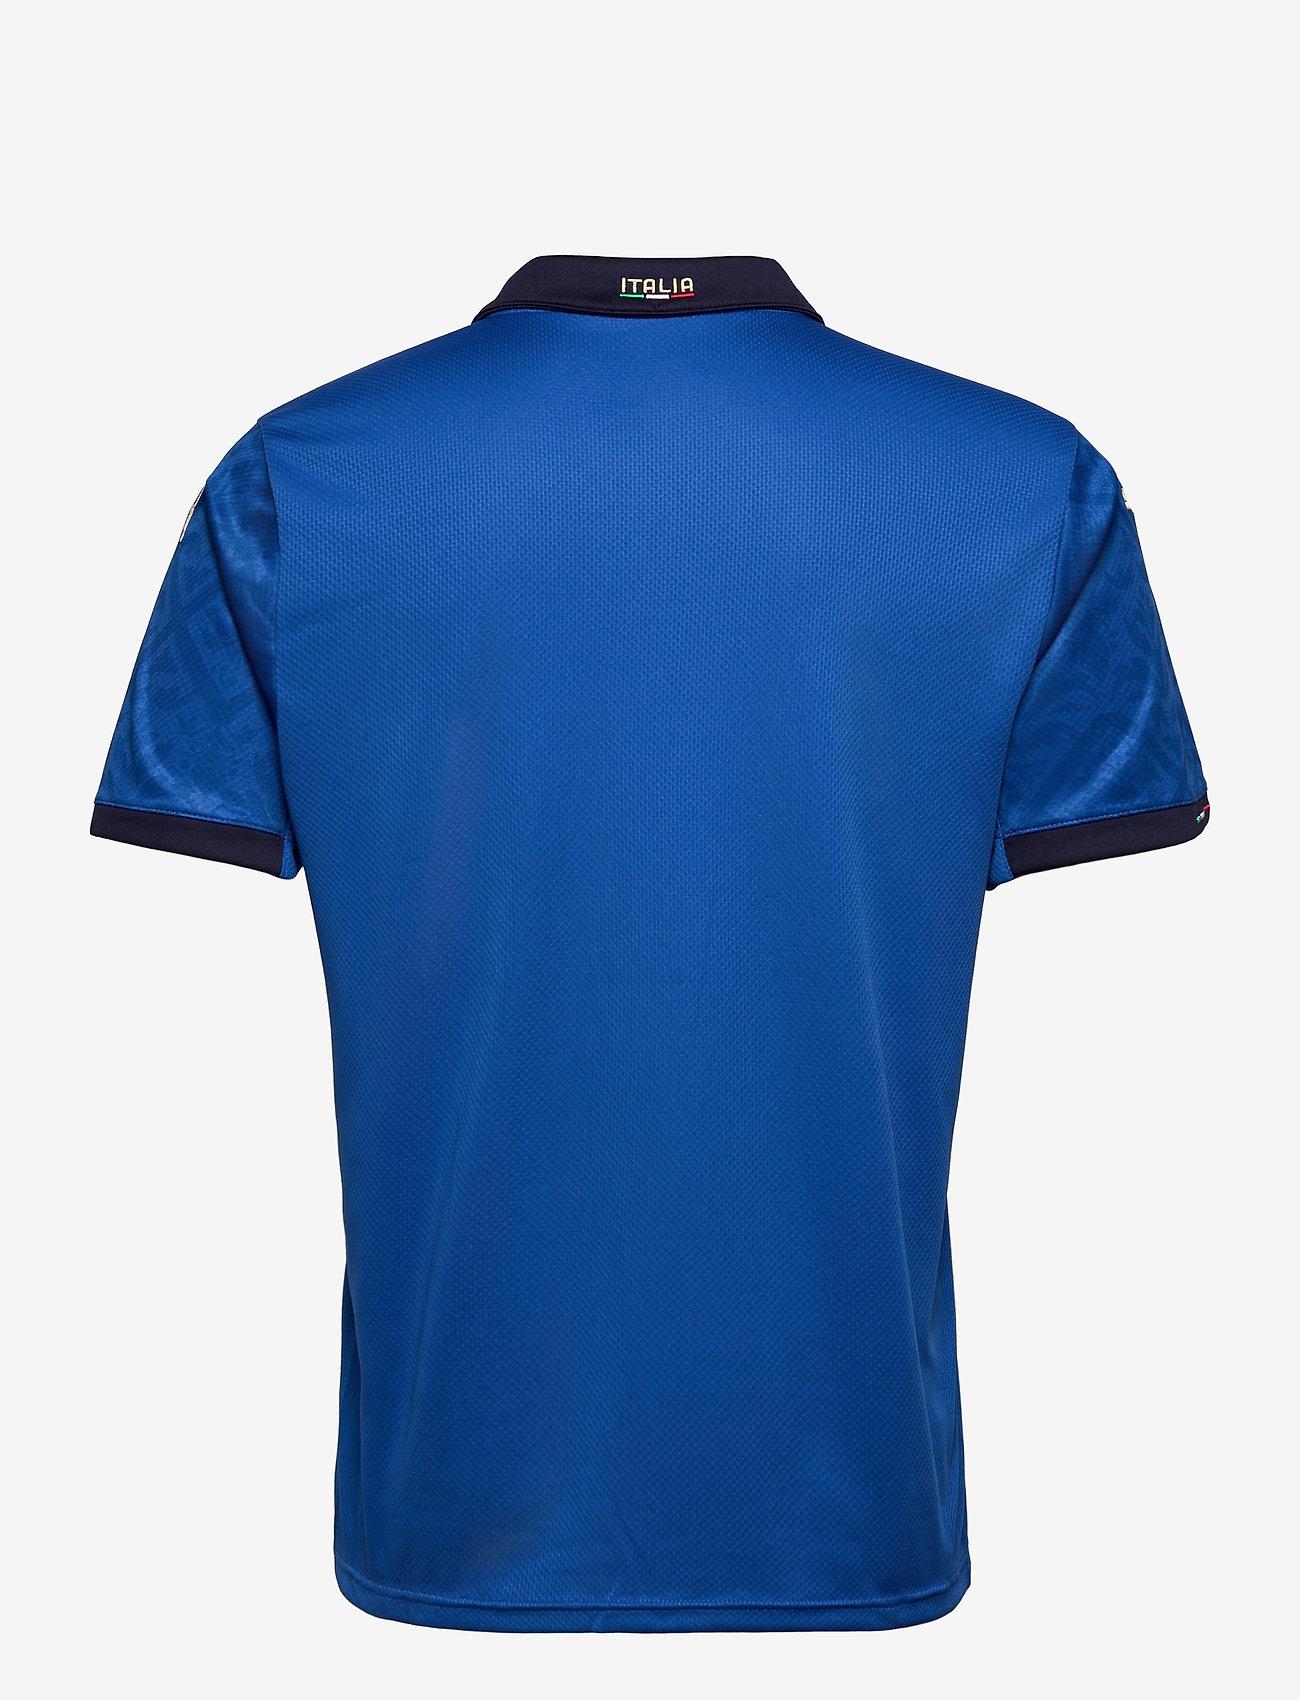 PUMA - FIGC Home Shirt Replica - football shirts - team power blue-peacoat - 1